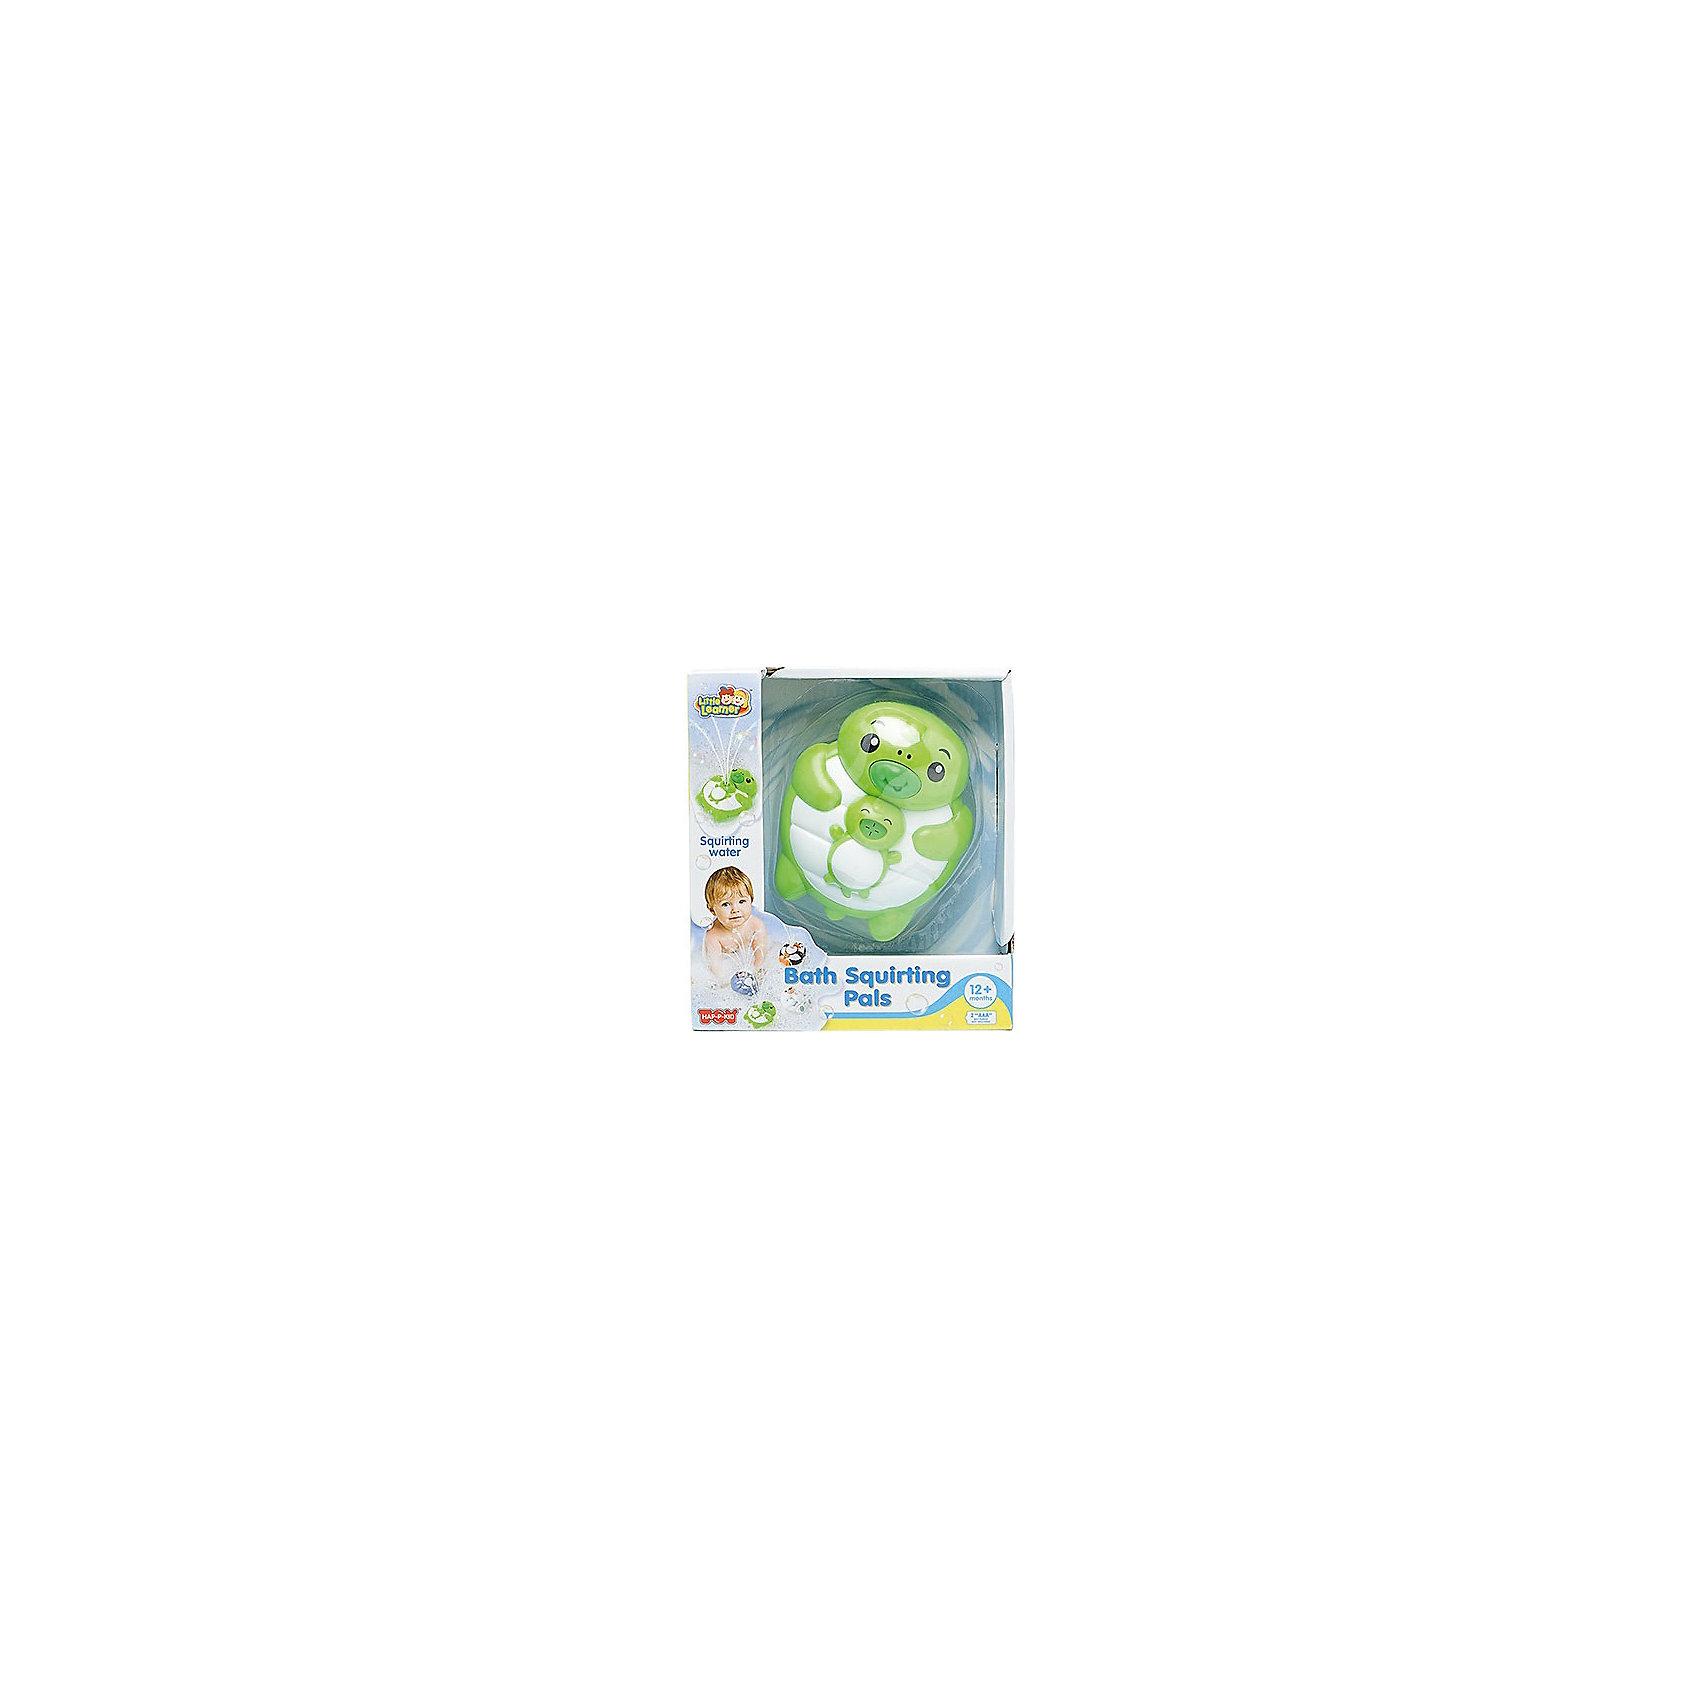 Игрушка для ванной Черепашка, HAP-P-KIDИгрушка для ванной Черепашка, Happy Kid (Хэппи Кид) – эта забавная игрушка развеселит вашего малыша во время купания.<br>Игрушка для ванной Черепашка от Happy Kid (Хэппи Кид) привлечет внимание вашего малыша и превратит купание в веселую игру! Игрушка выполнена в виде черепашки лежащей на спине и держащей детеныша. Она прекрасно держится на воде. Если нажать на нос черепашки, то из ротика детеныша брызнет фонтан воды, что, несомненно, позабавит ребенка. Эта яркая игрушка для ванной поможет вашему малышу развить координацию движений, ловкость, внимание, а также справиться с боязнью воды. Игрушка изготовлена из высококачественных материалов, соответствует требованиям безопасности.<br><br>Дополнительная информация:<br><br>- Материал: винил, резина, пластик<br>- Цвет: зеленый, белый<br>- Батарейки: 2 типа ААА (в комплект не входят)<br>- Размер упаковки: 16,5 x 18,4 x 8,6 см.<br>- Вес: 290 гр.<br><br>Игрушку для ванной Черепашка, Happy Kid (Хэппи Кид) можно купить в нашем интернет-магазине.<br><br>Ширина мм: 165<br>Глубина мм: 184<br>Высота мм: 86<br>Вес г: 290<br>Возраст от месяцев: 12<br>Возраст до месяцев: 36<br>Пол: Унисекс<br>Возраст: Детский<br>SKU: 4726744